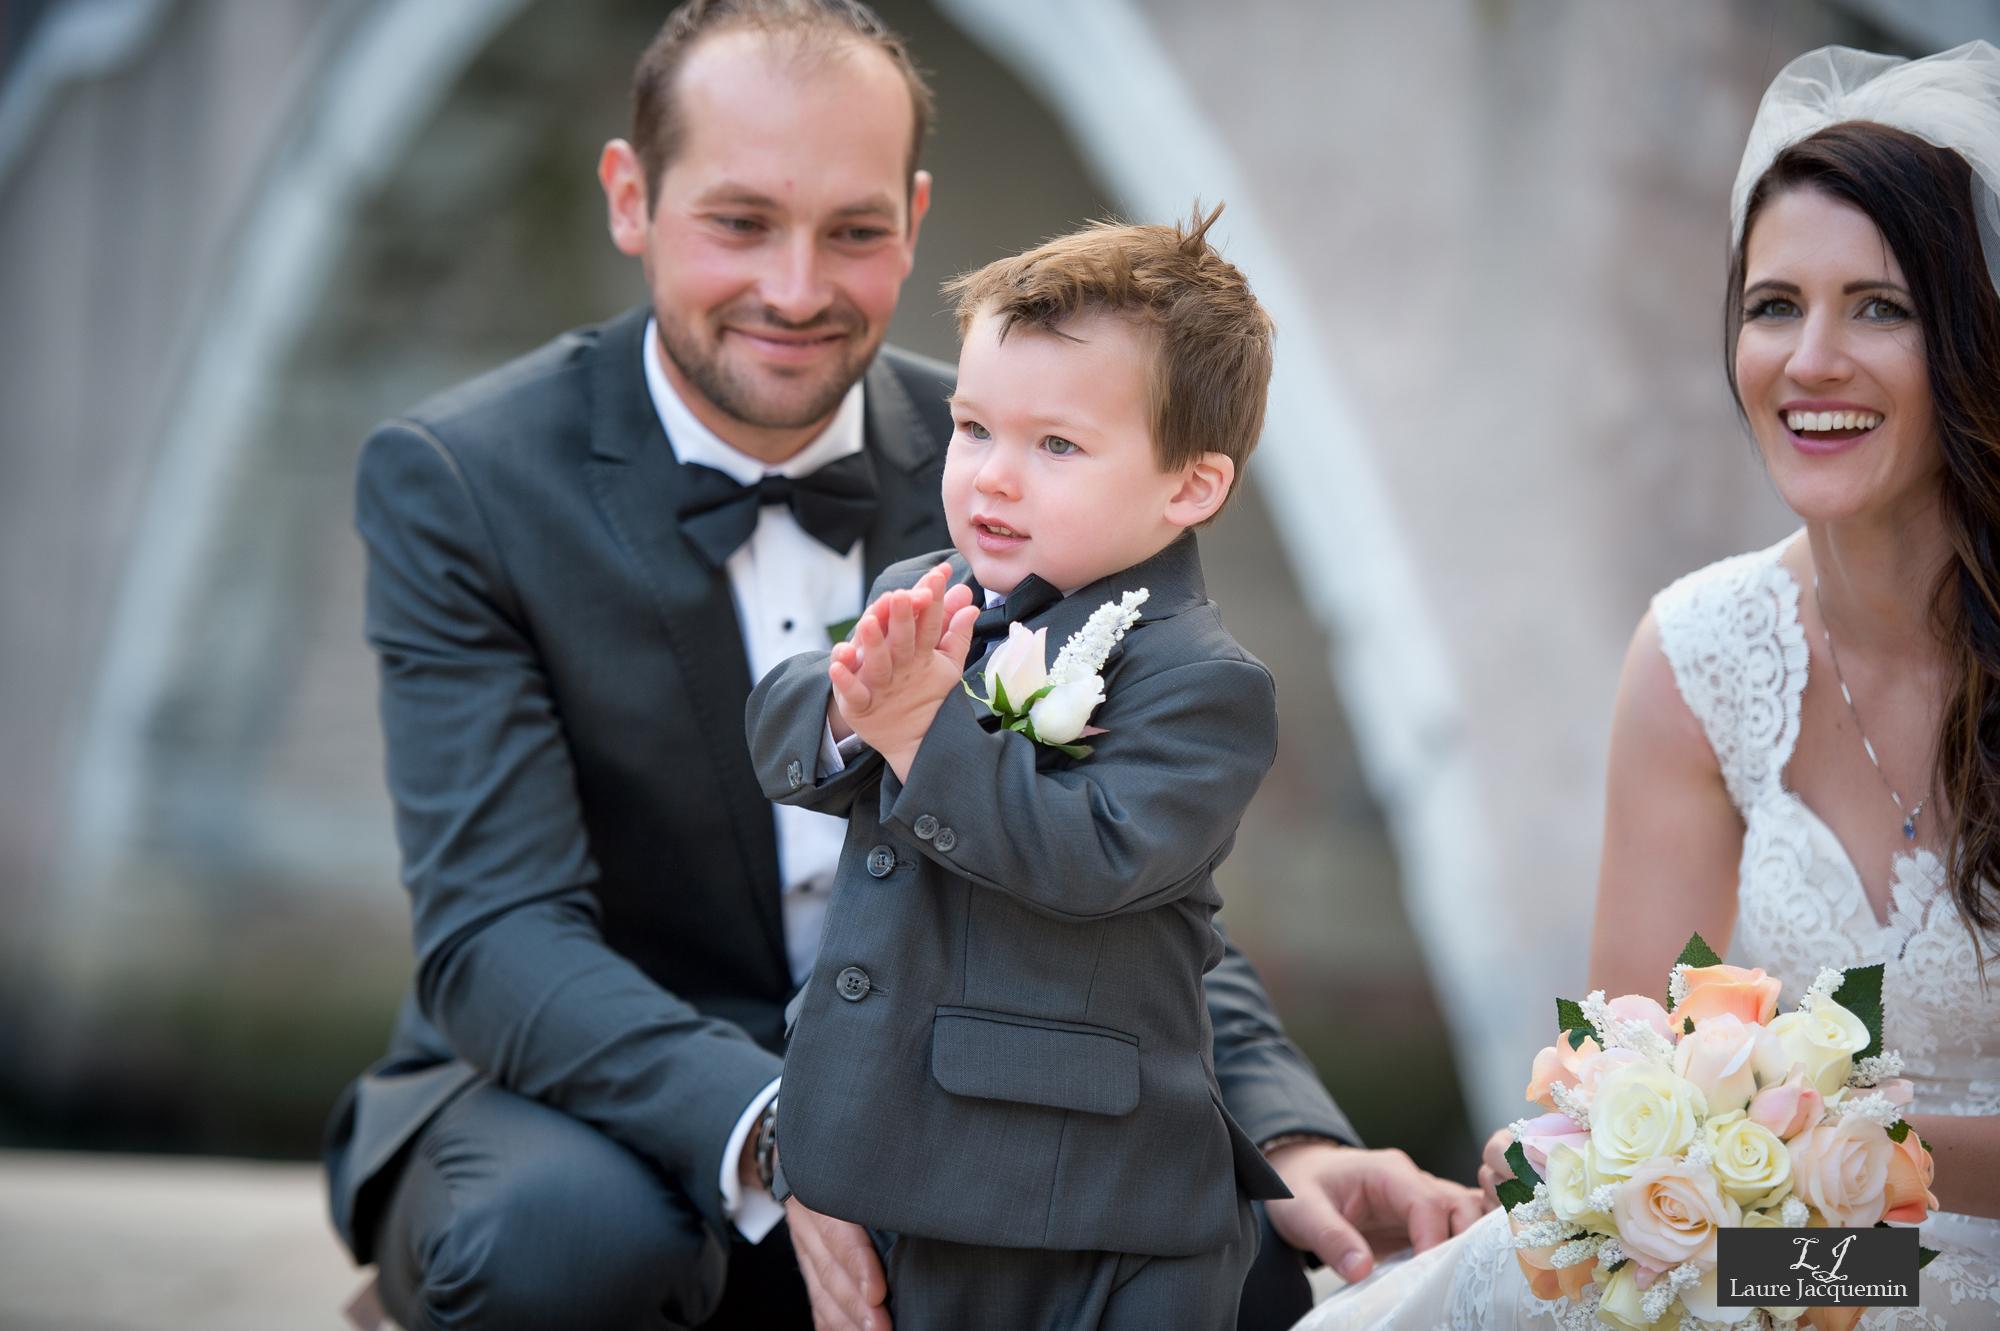 photographe mariage laure jacquemin palazzo cavalli service photographique (71)